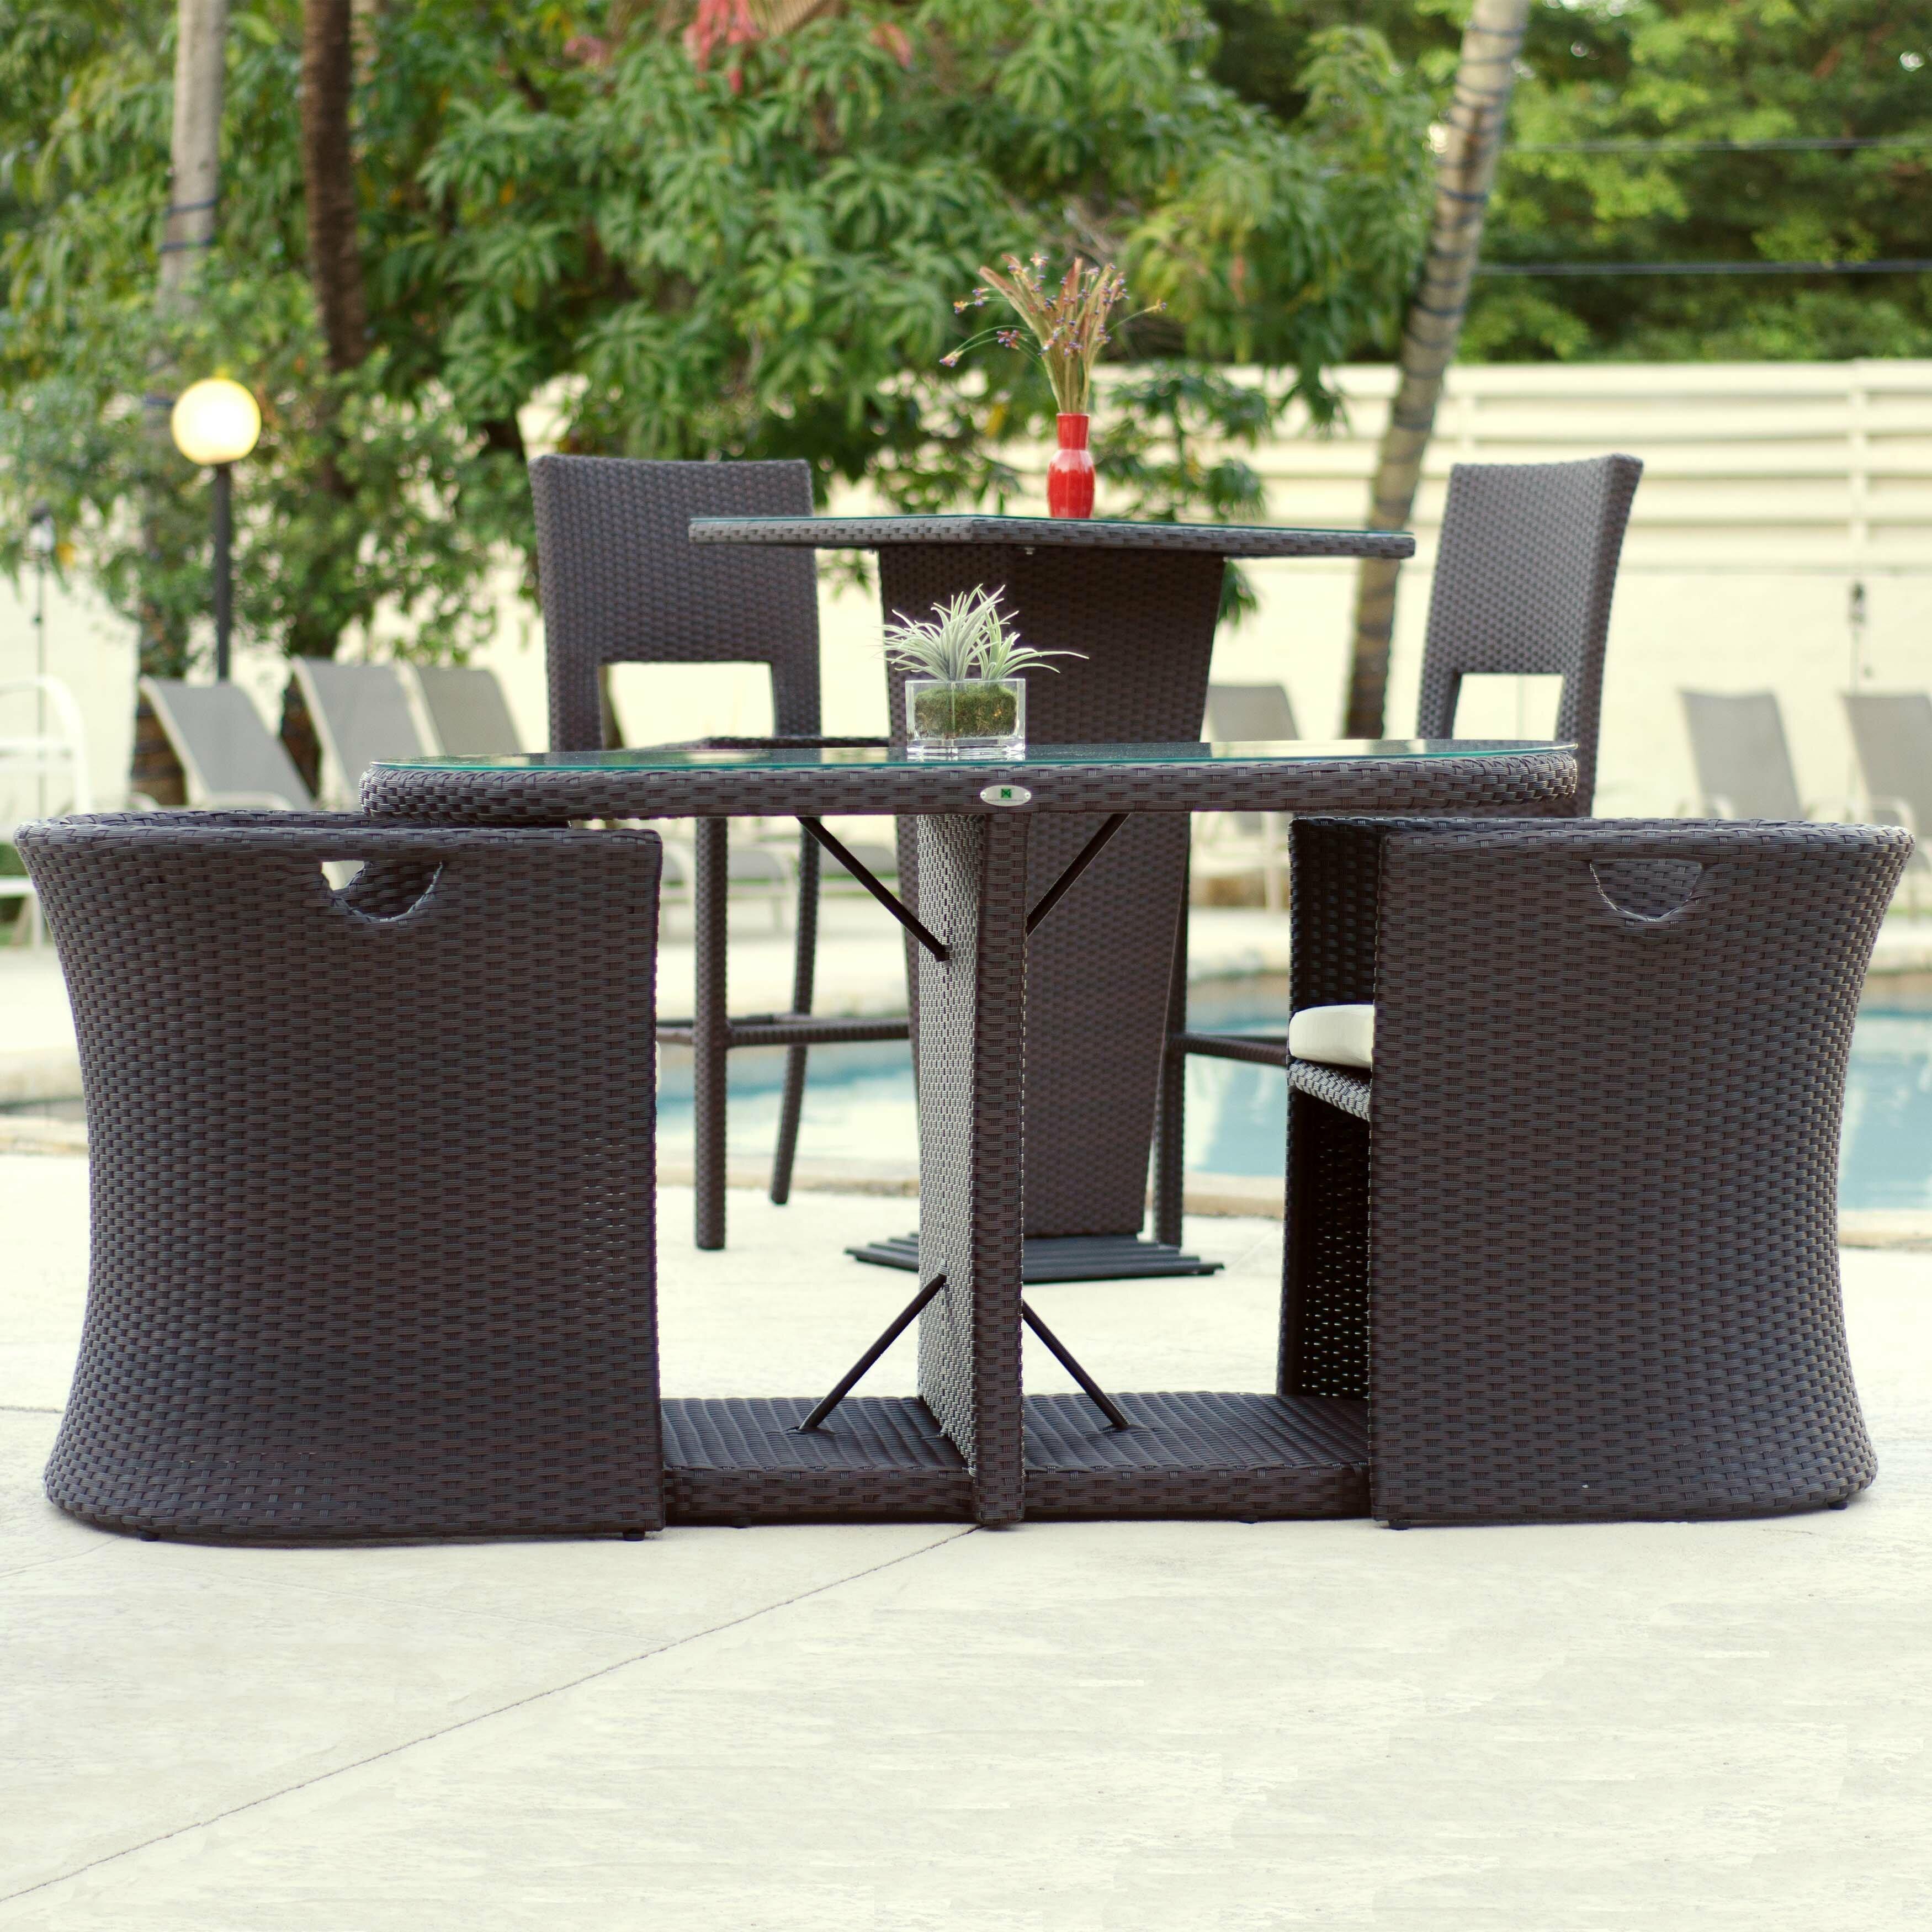 Apartment patio furniture: simple apartment patio furniture for ...